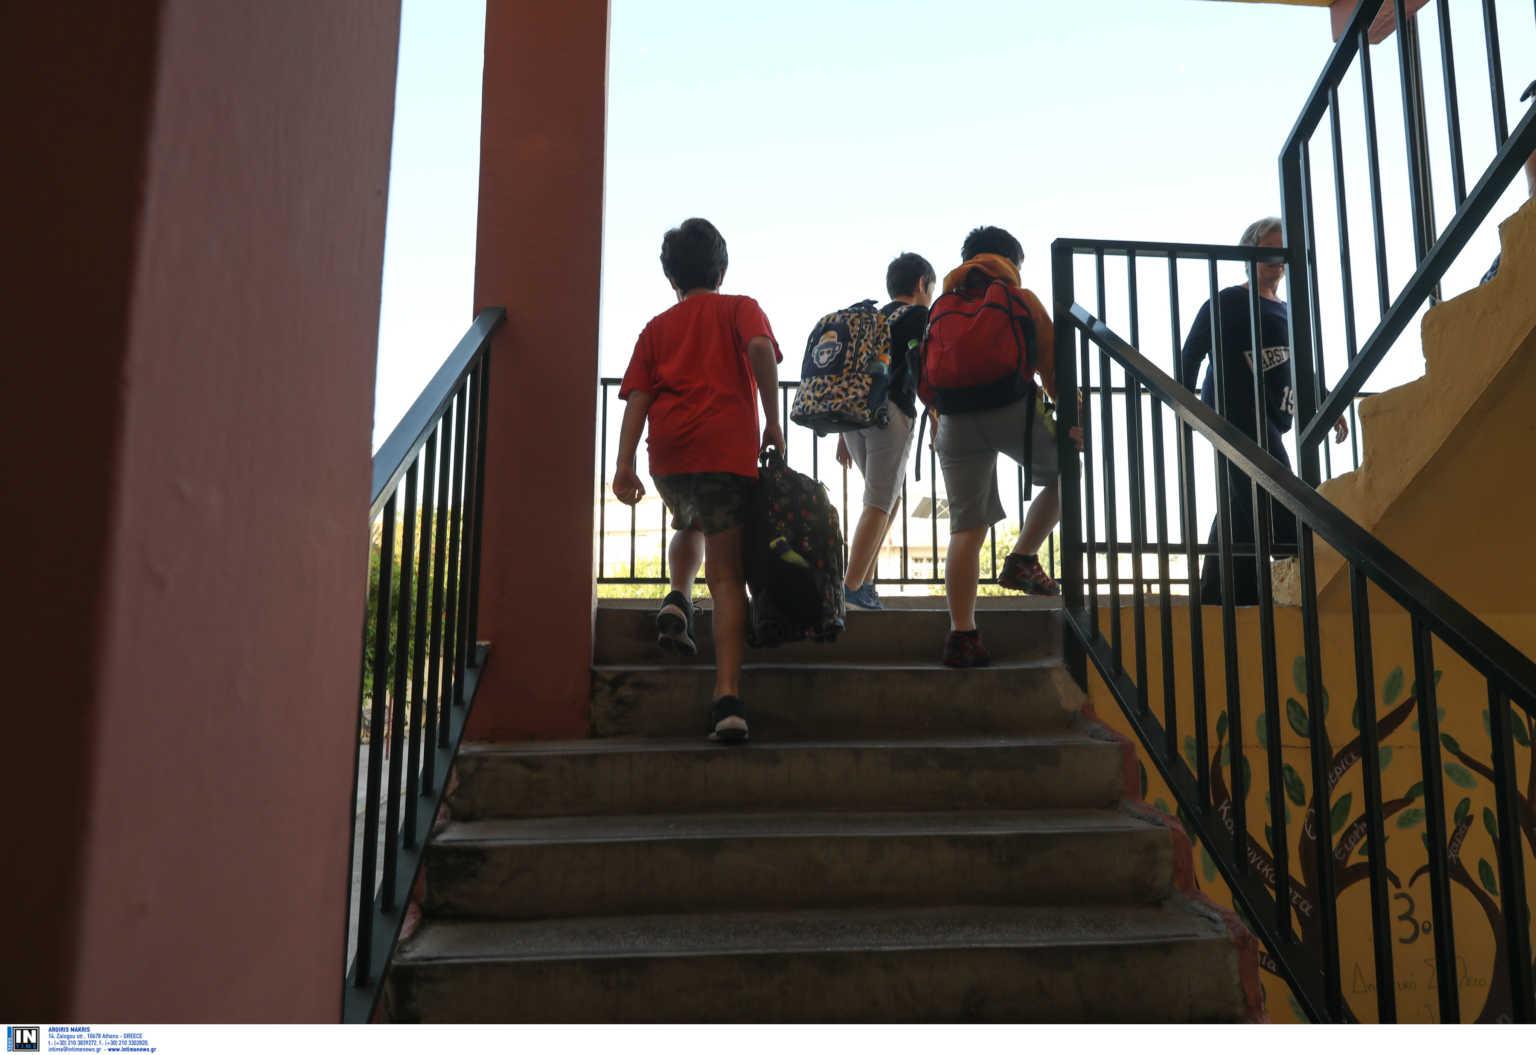 Προσοχή: Αυτά τα σχολεία είναι κλειστά την Τετάρτη 07/10 λόγω κορονοϊού – Η λίστα από το Υπουργείο Παιδείας